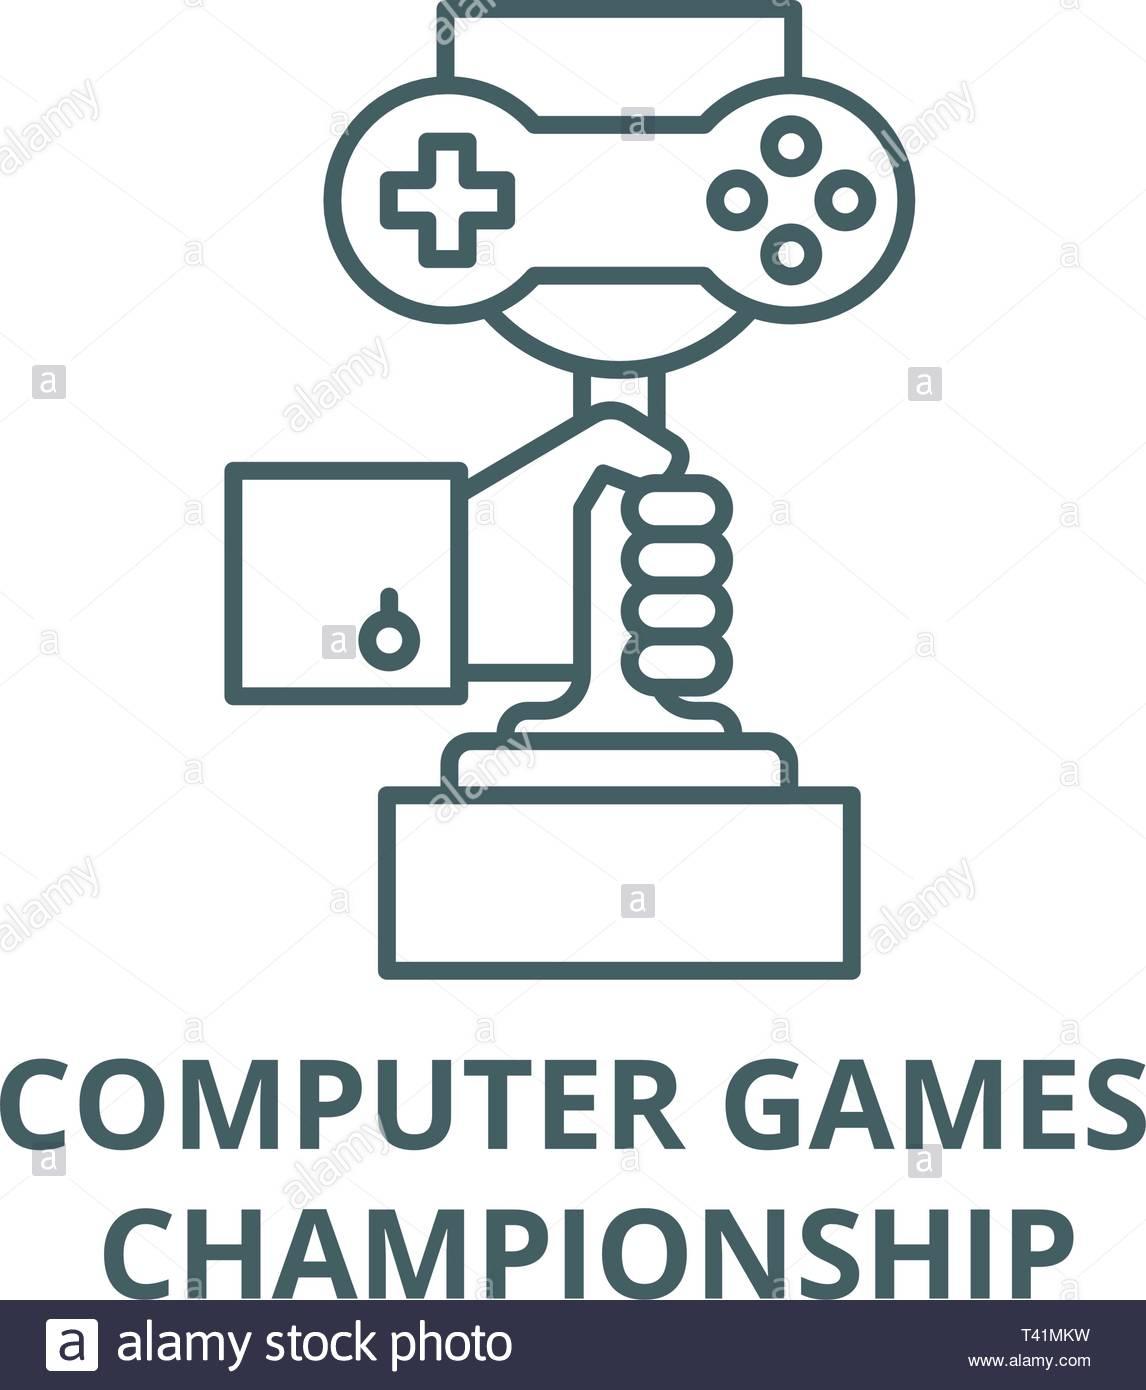 Championnat De Jeux D'ordinateur, L'icône De La Ligne De concernant Jeux Sur Ordinateur En Ligne